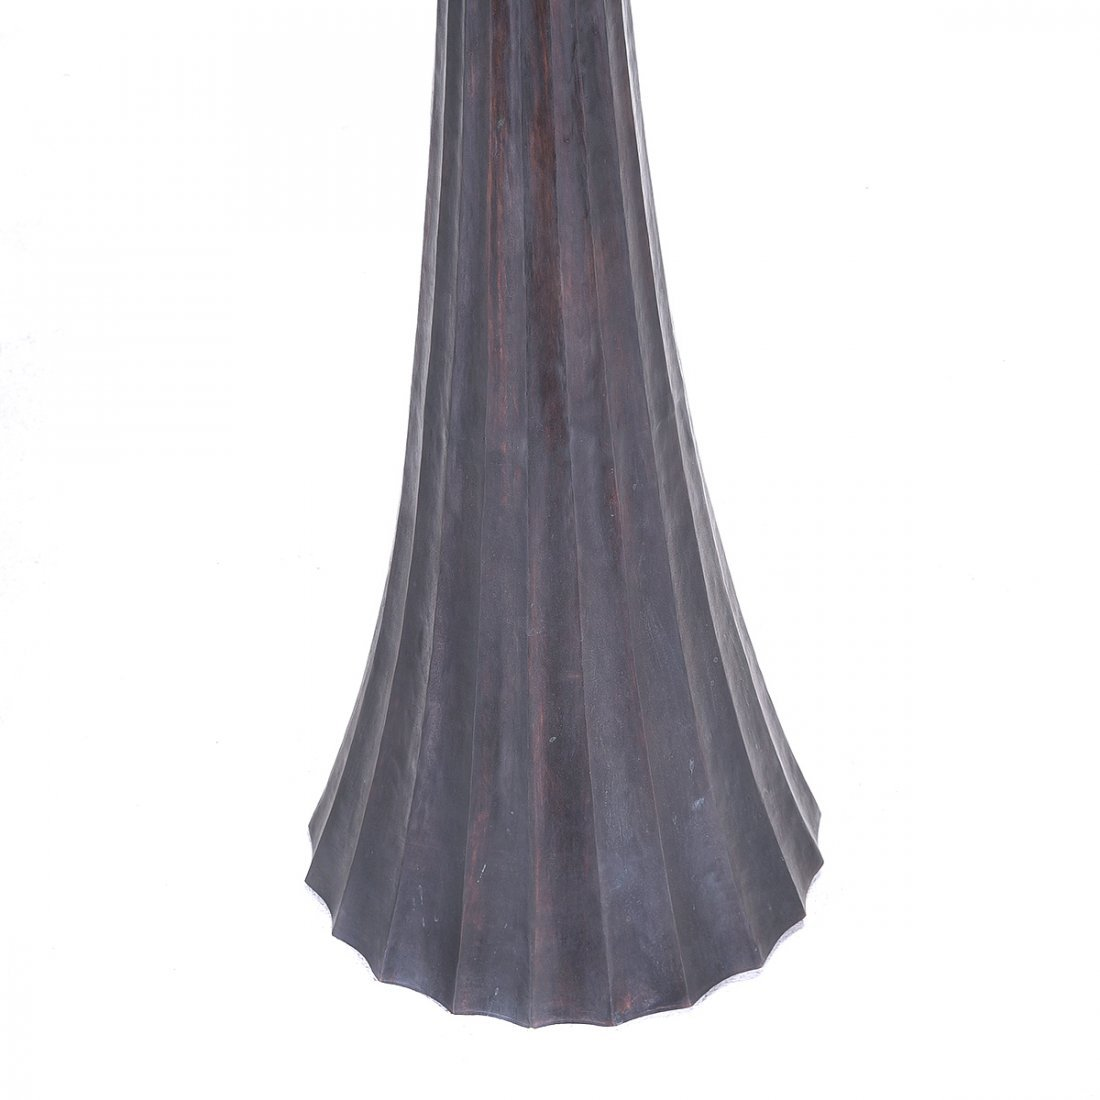 Robert Kuo for McGuire Copper Floor Lamp - 2